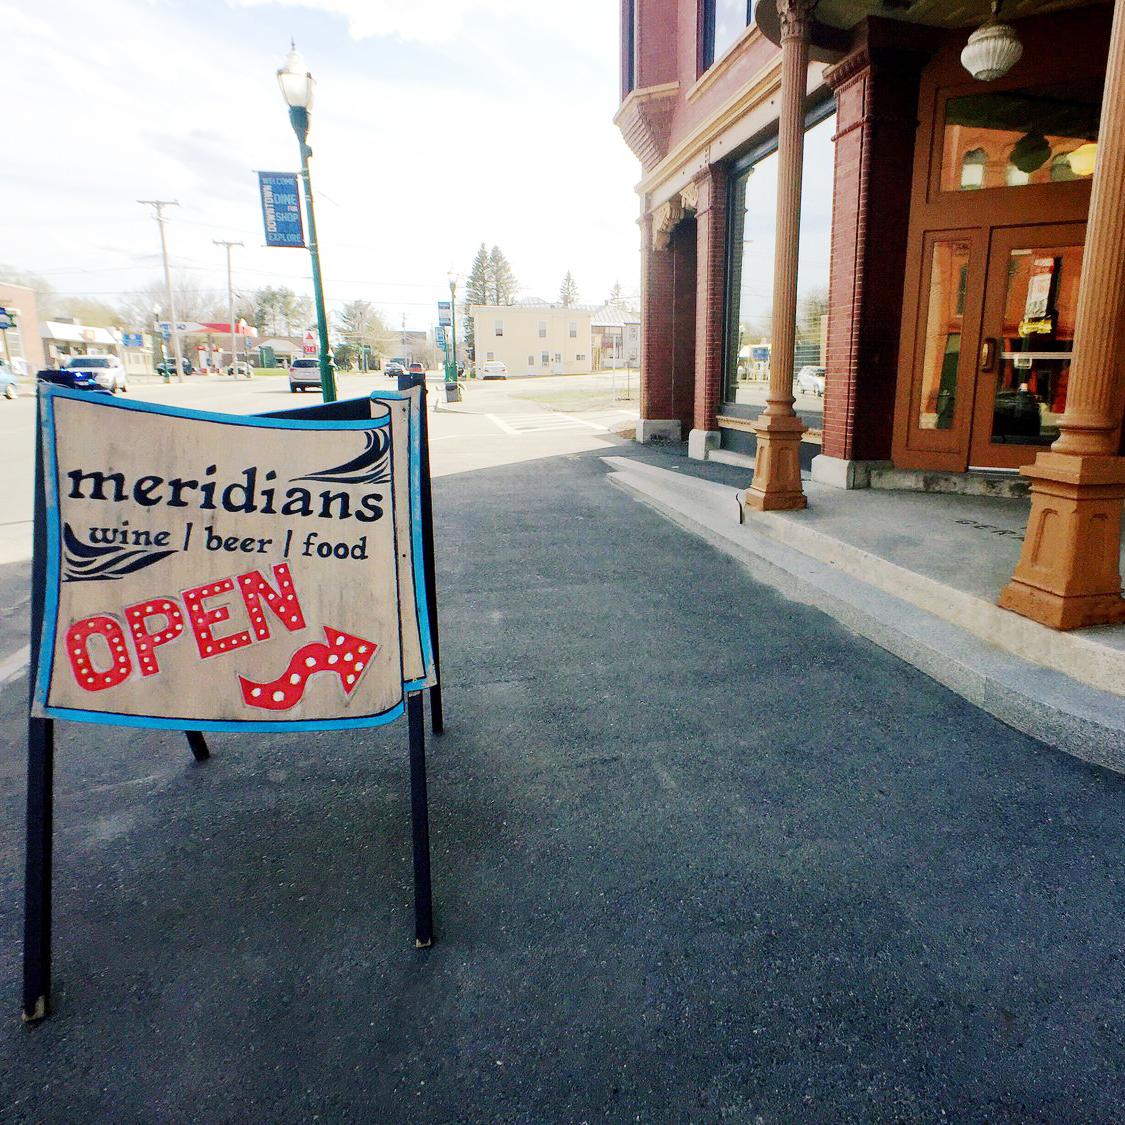 shop_signoutfrontTOUCHEDUP_square.jpg